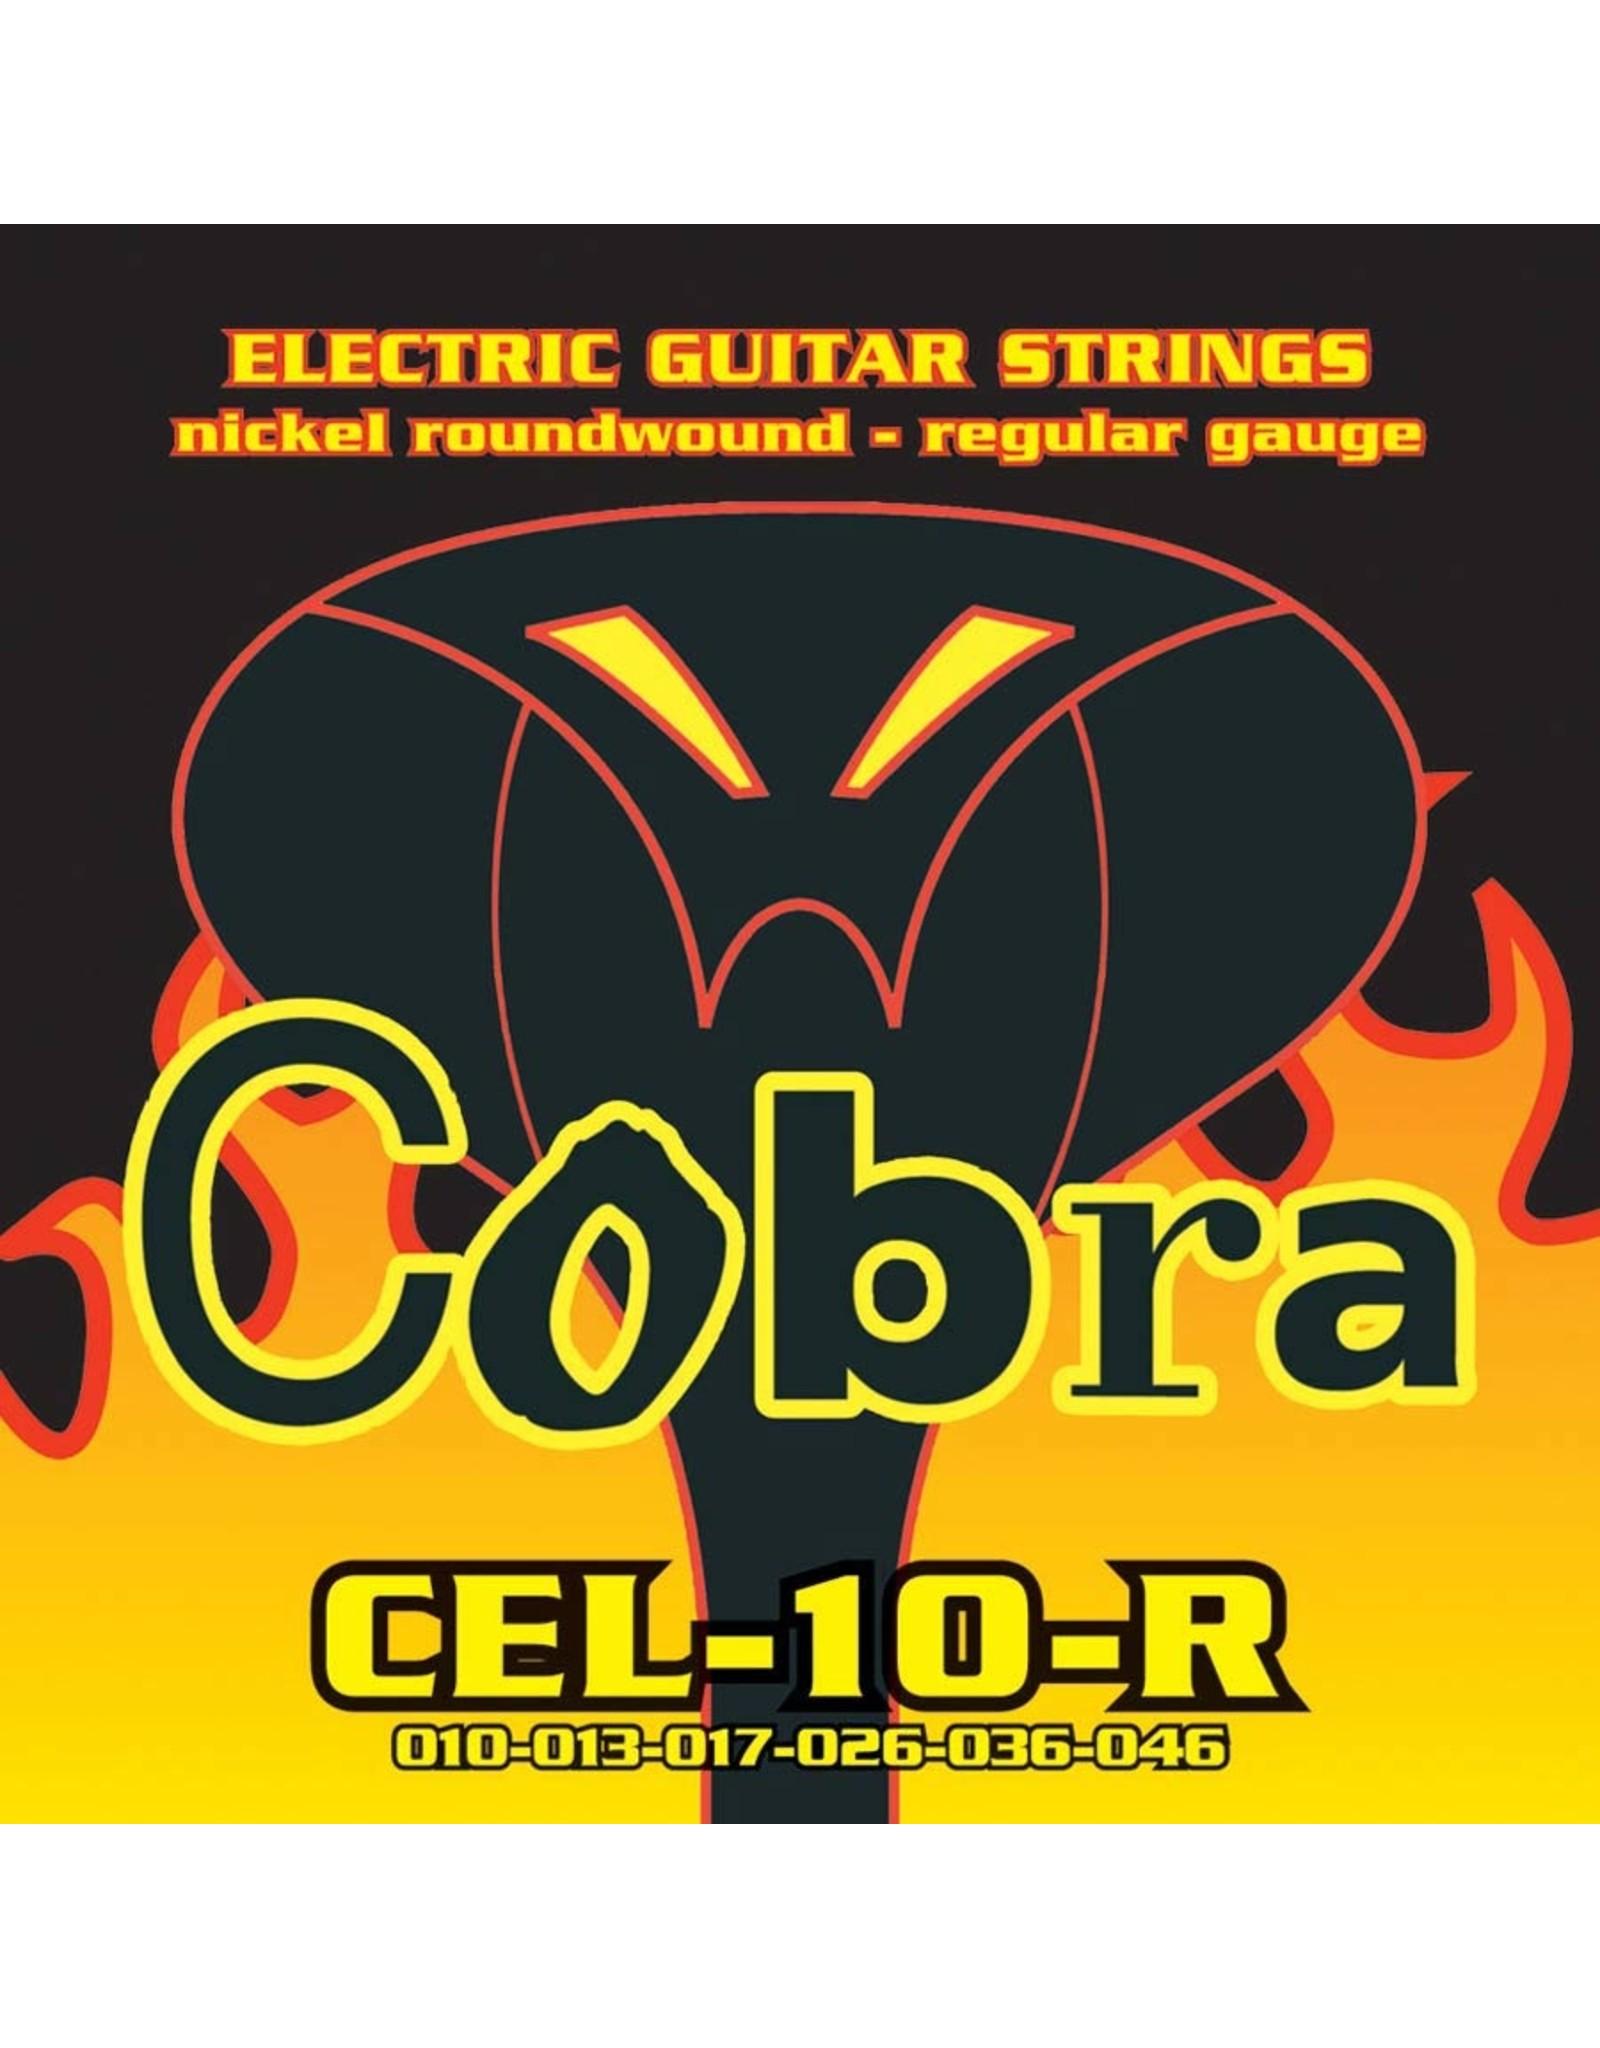 Cobra Cobra CEL-10-R Electrische snaren 010-46